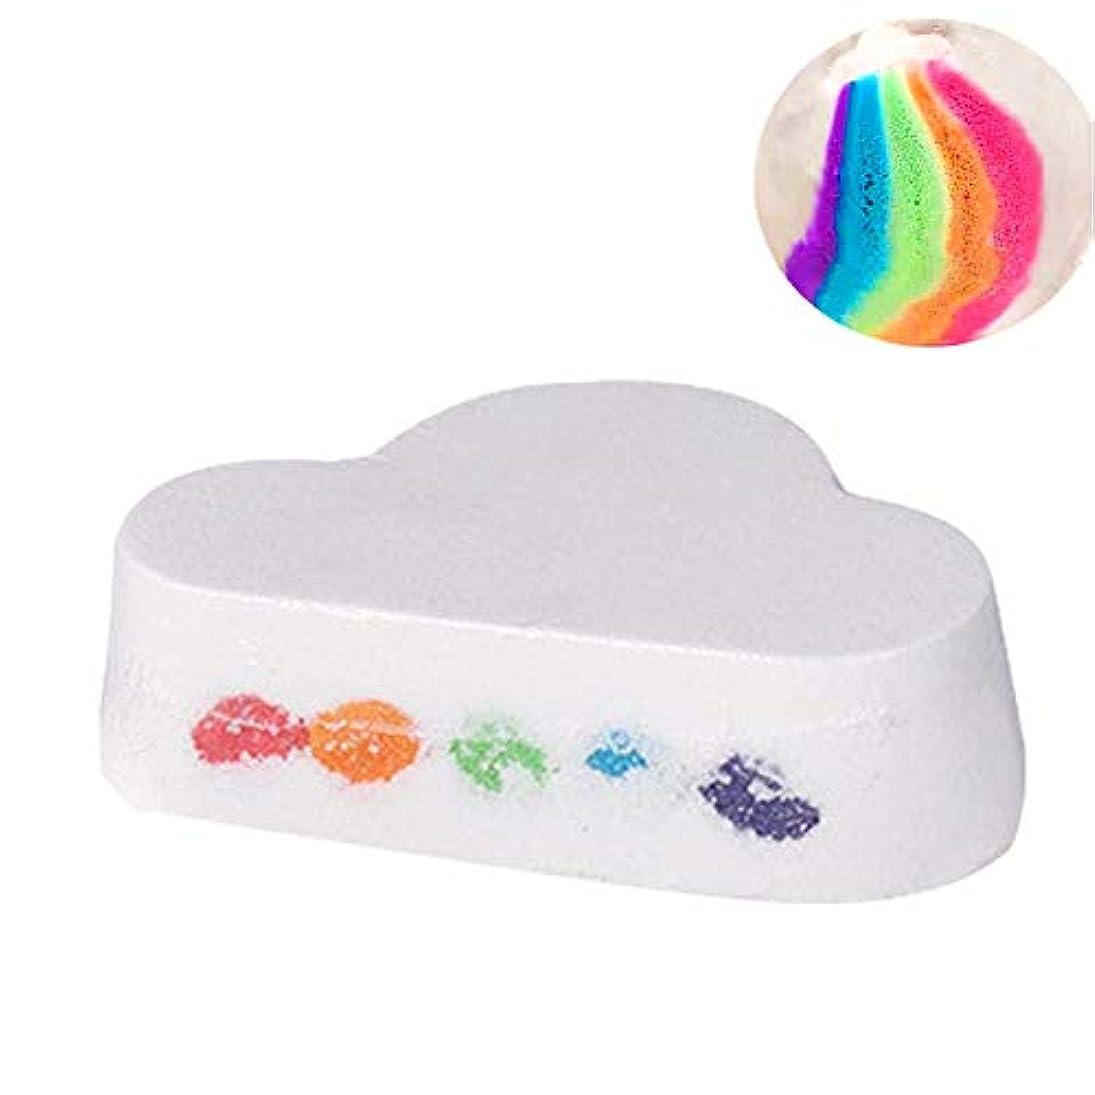 織機見つけるホストレインボー クラウド 入浴ボール 入浴剤 風呂泡の泡立った浮遊物 虹色 女性用保湿スキンギフト